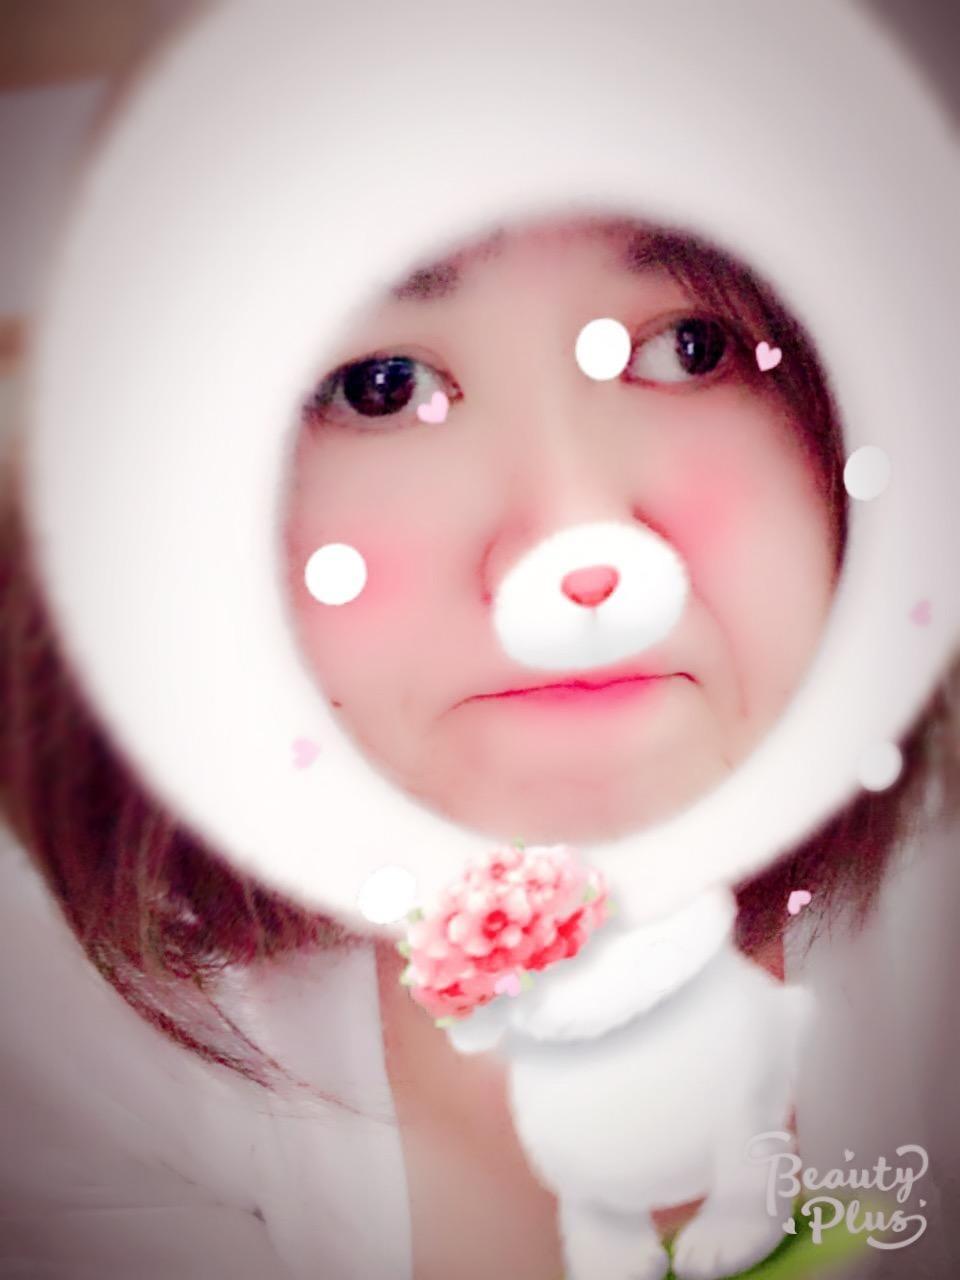 「おやすみなさい」11/18(日) 00:50 | みき◇爆乳パイズリ◇の写メ・風俗動画